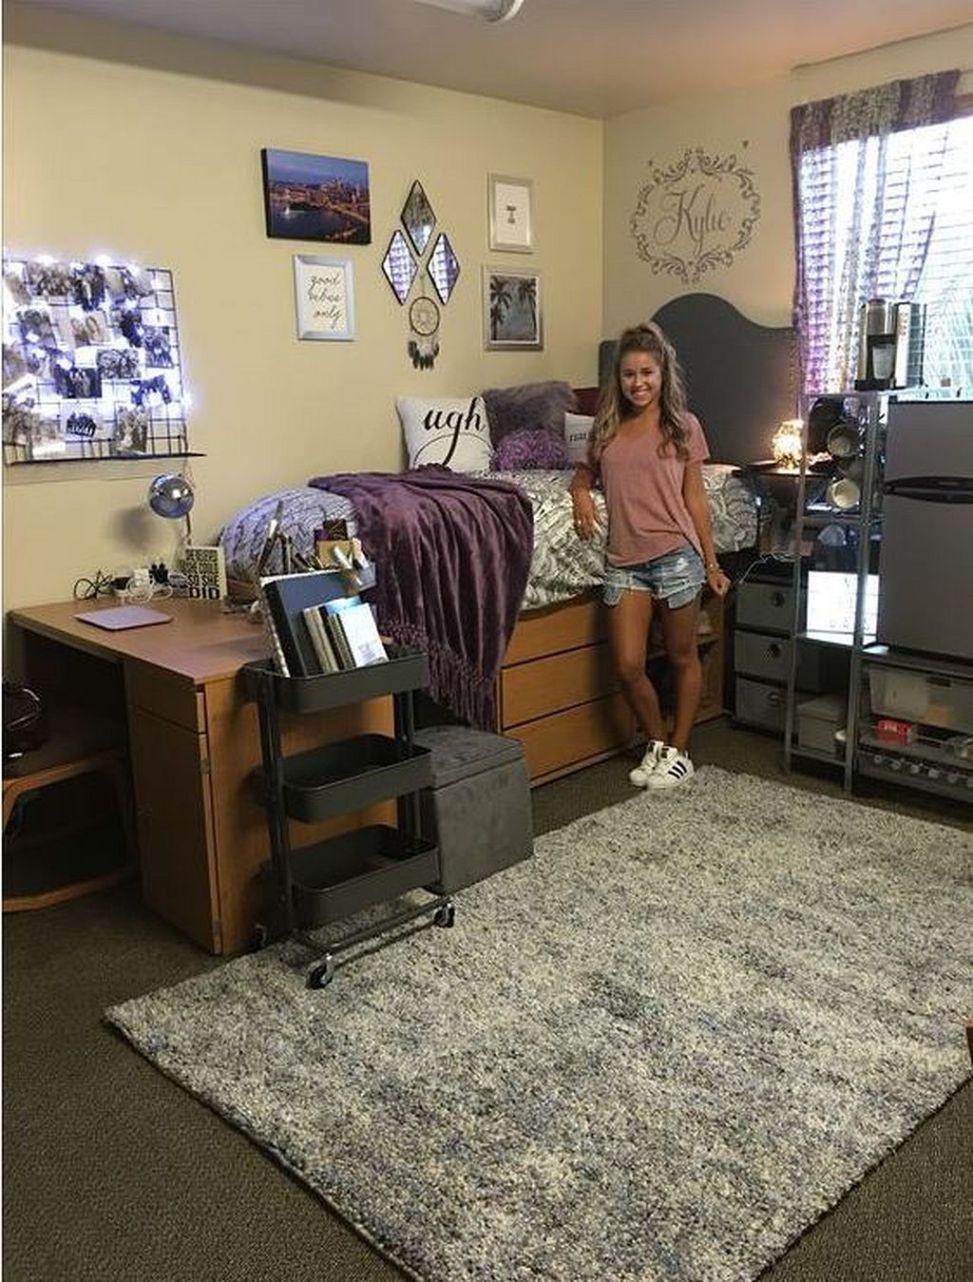 moore hill dorm on incredible and cute dorm room decorating ideas 20 cool dorm rooms girls dorm room dorm room diy pinterest